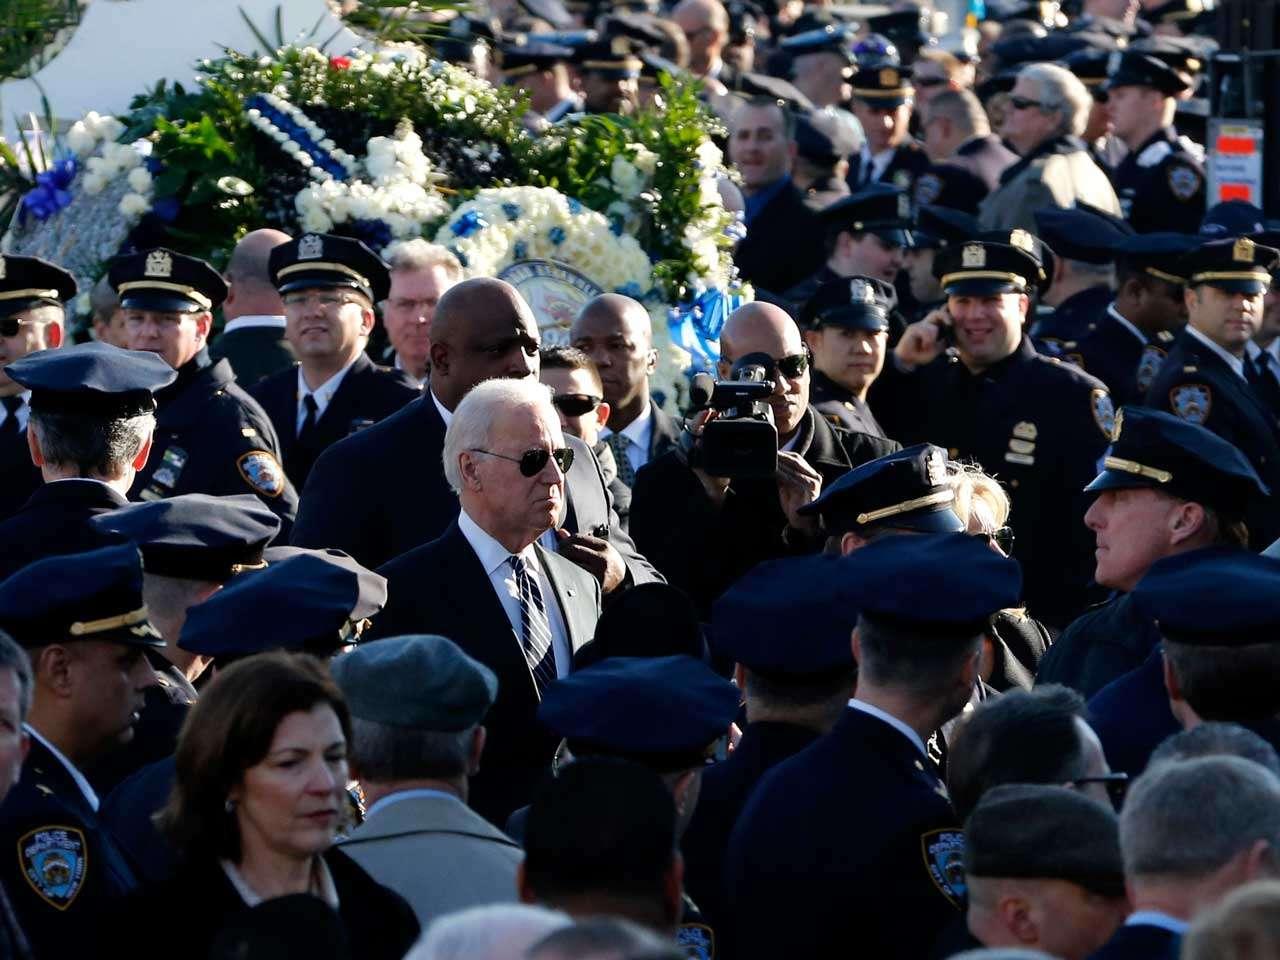 Joe Biden, vicepresidente de los Estados Unidos, arriba al funeral del agente de policía Rafael Ramos, quien fue asesinado el fin de semana pasado en Nueva York, 27 de diciembre de 2014. Foto: AP en español